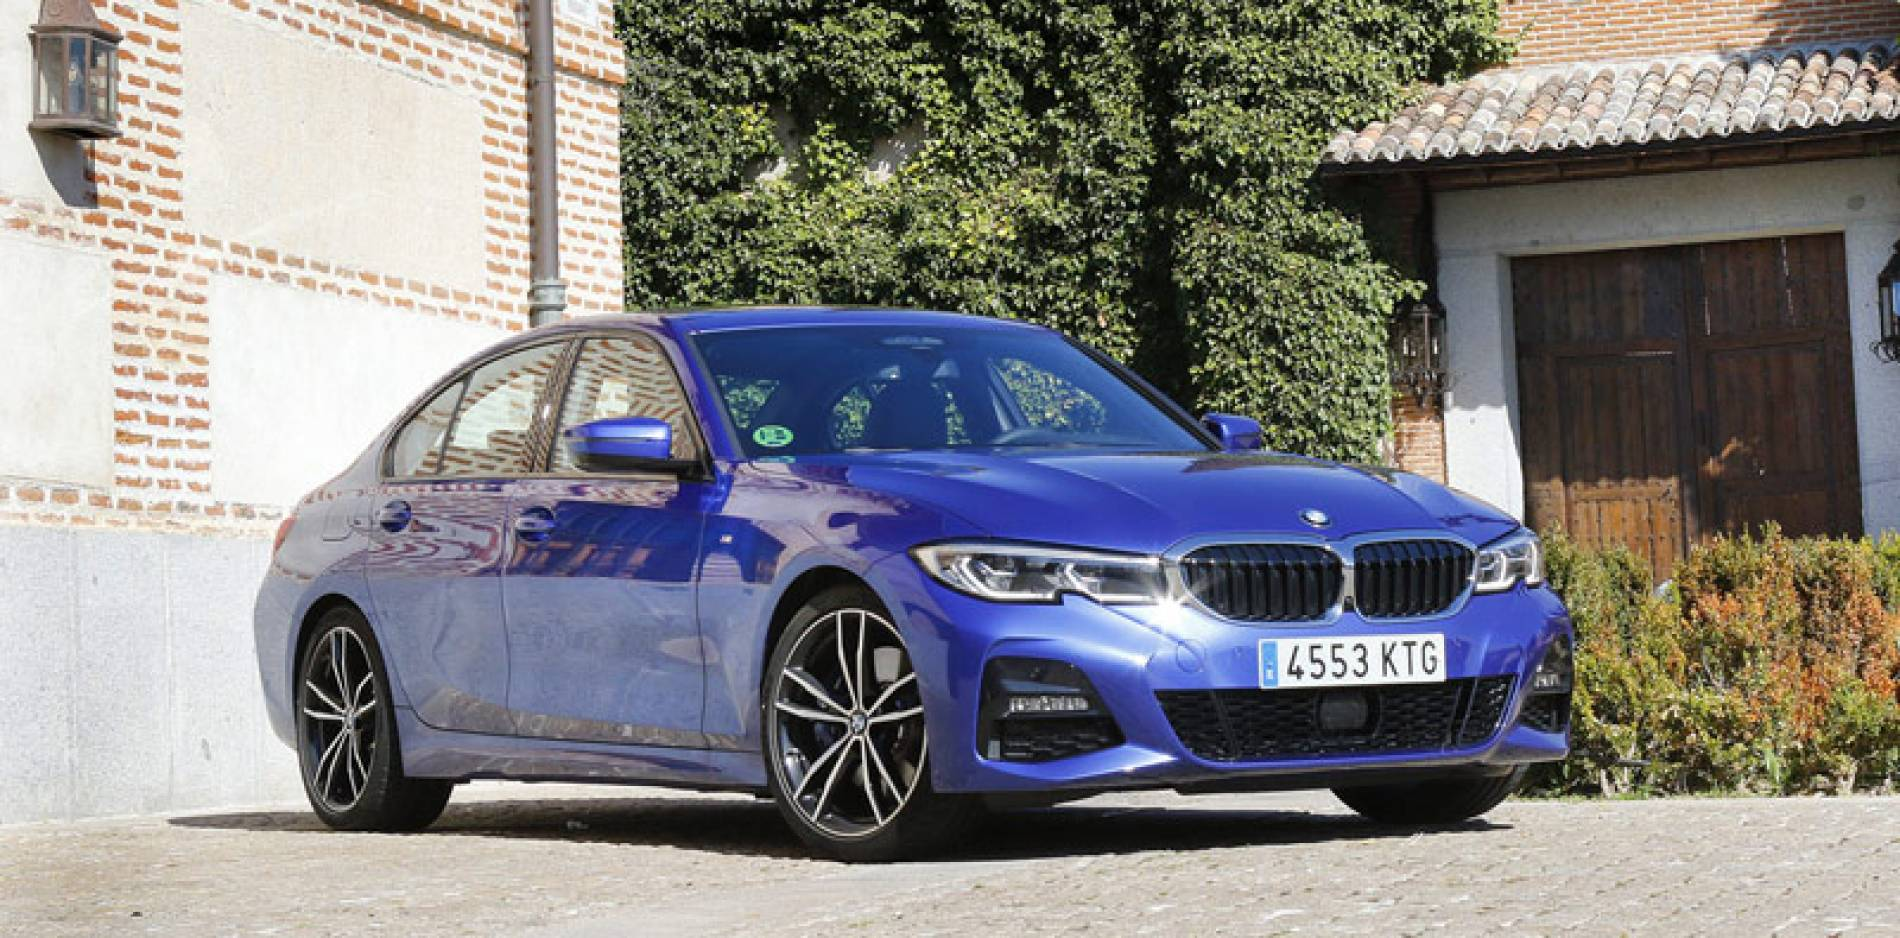 Probamos el nuevo BMW 330i, golpe de autoridad